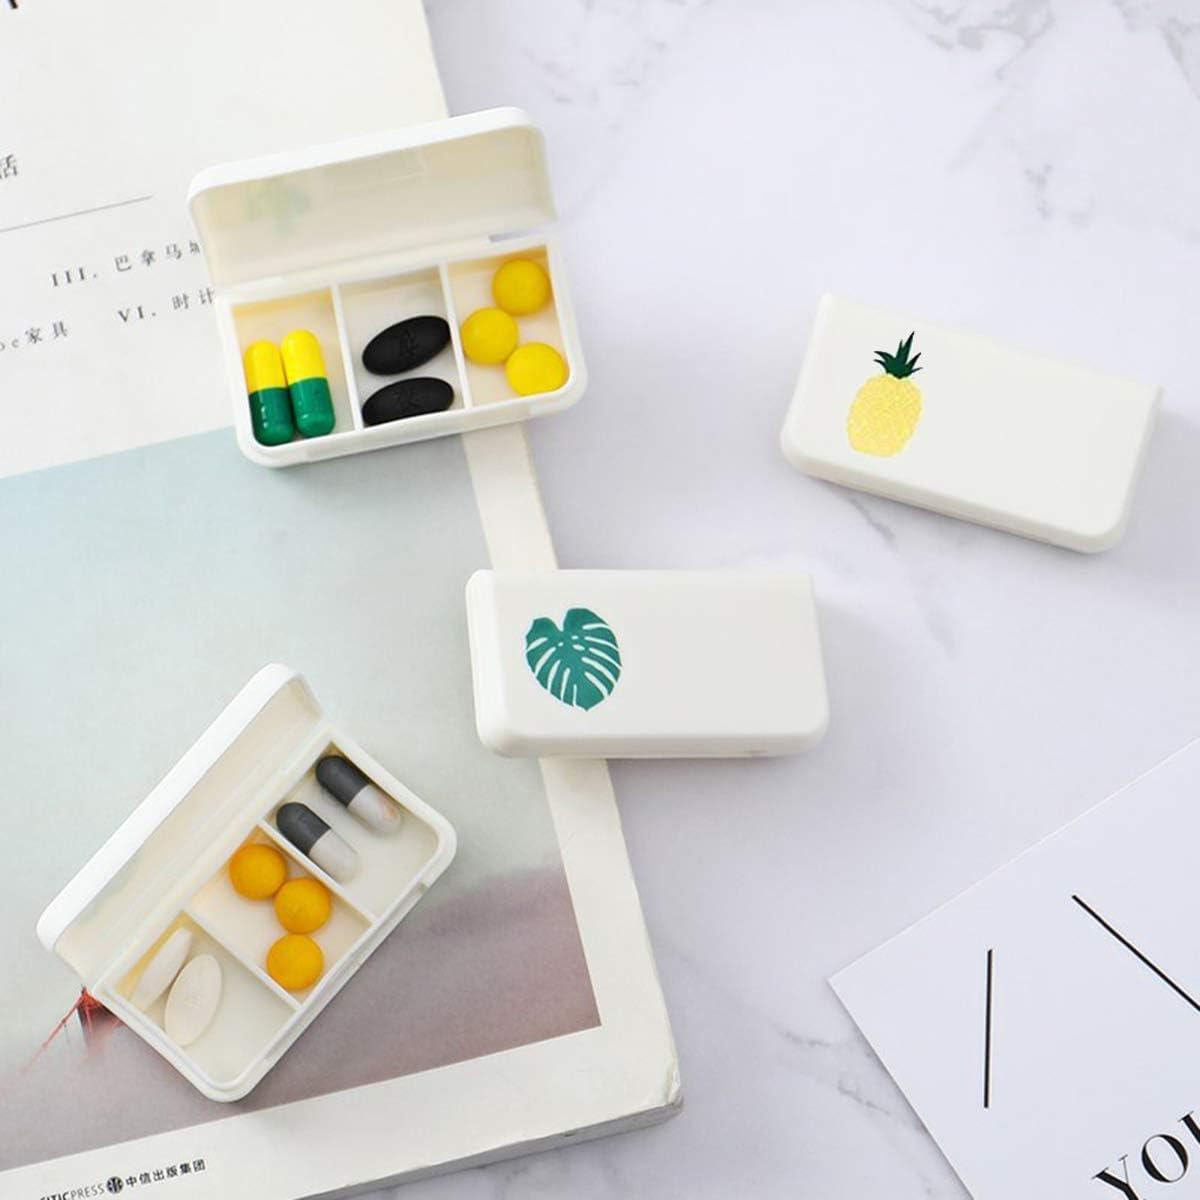 Portapillole Portapillole Mini Portapillole per viaggiare allaperto modello di stampa in lettere